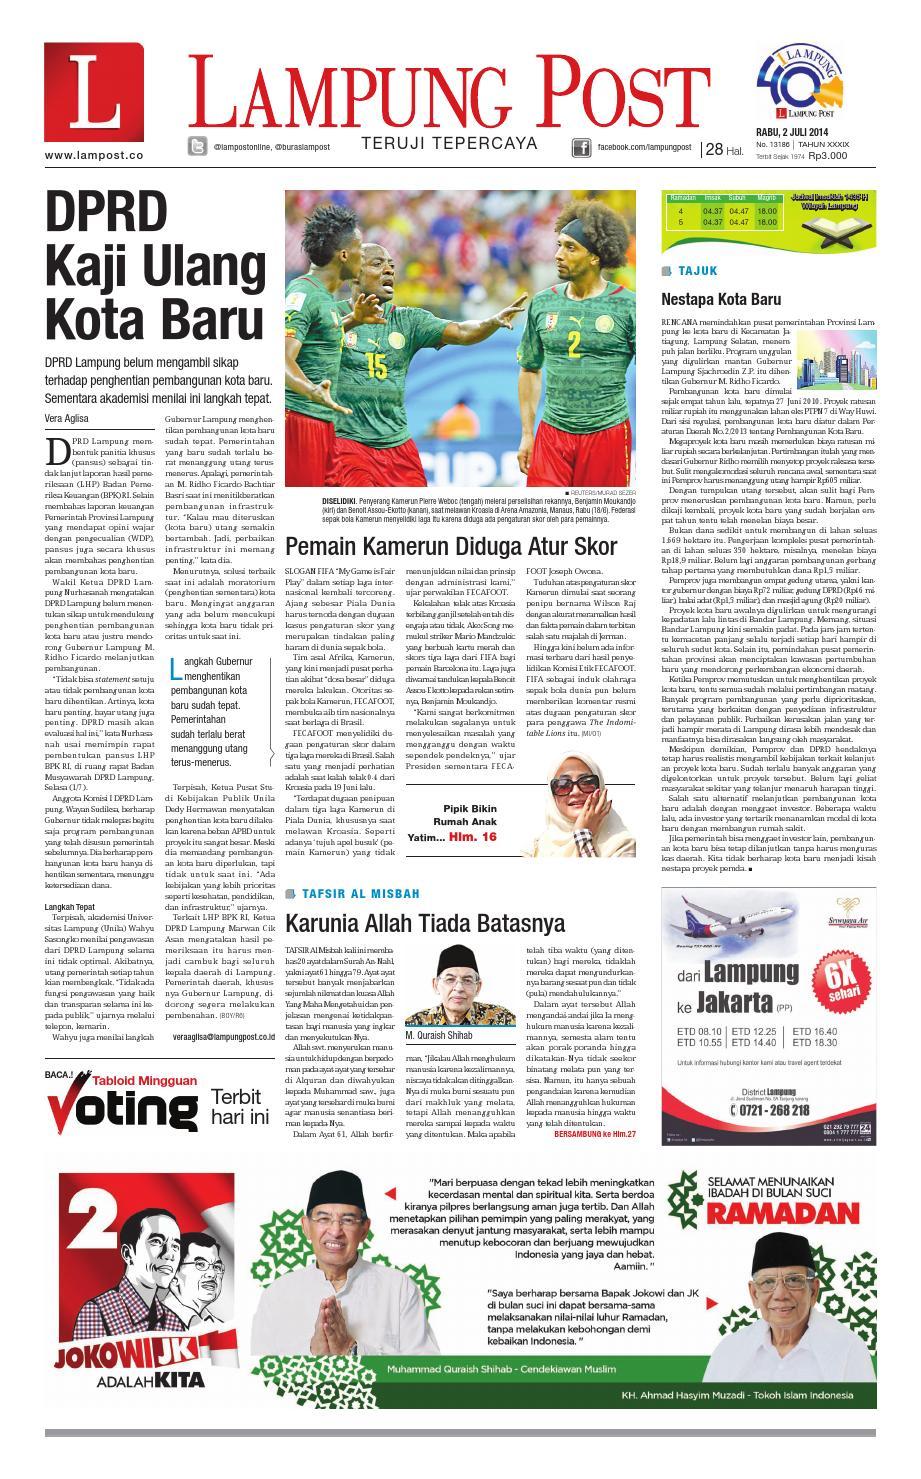 Lampung Post Rabu 2 Juli 2014 By Issuu Produk Ukm Bumn Pusaka Coffee 15 Pcs Kopi Herbal Nusantara Free Ongkir Depok Ampamp Jakarta